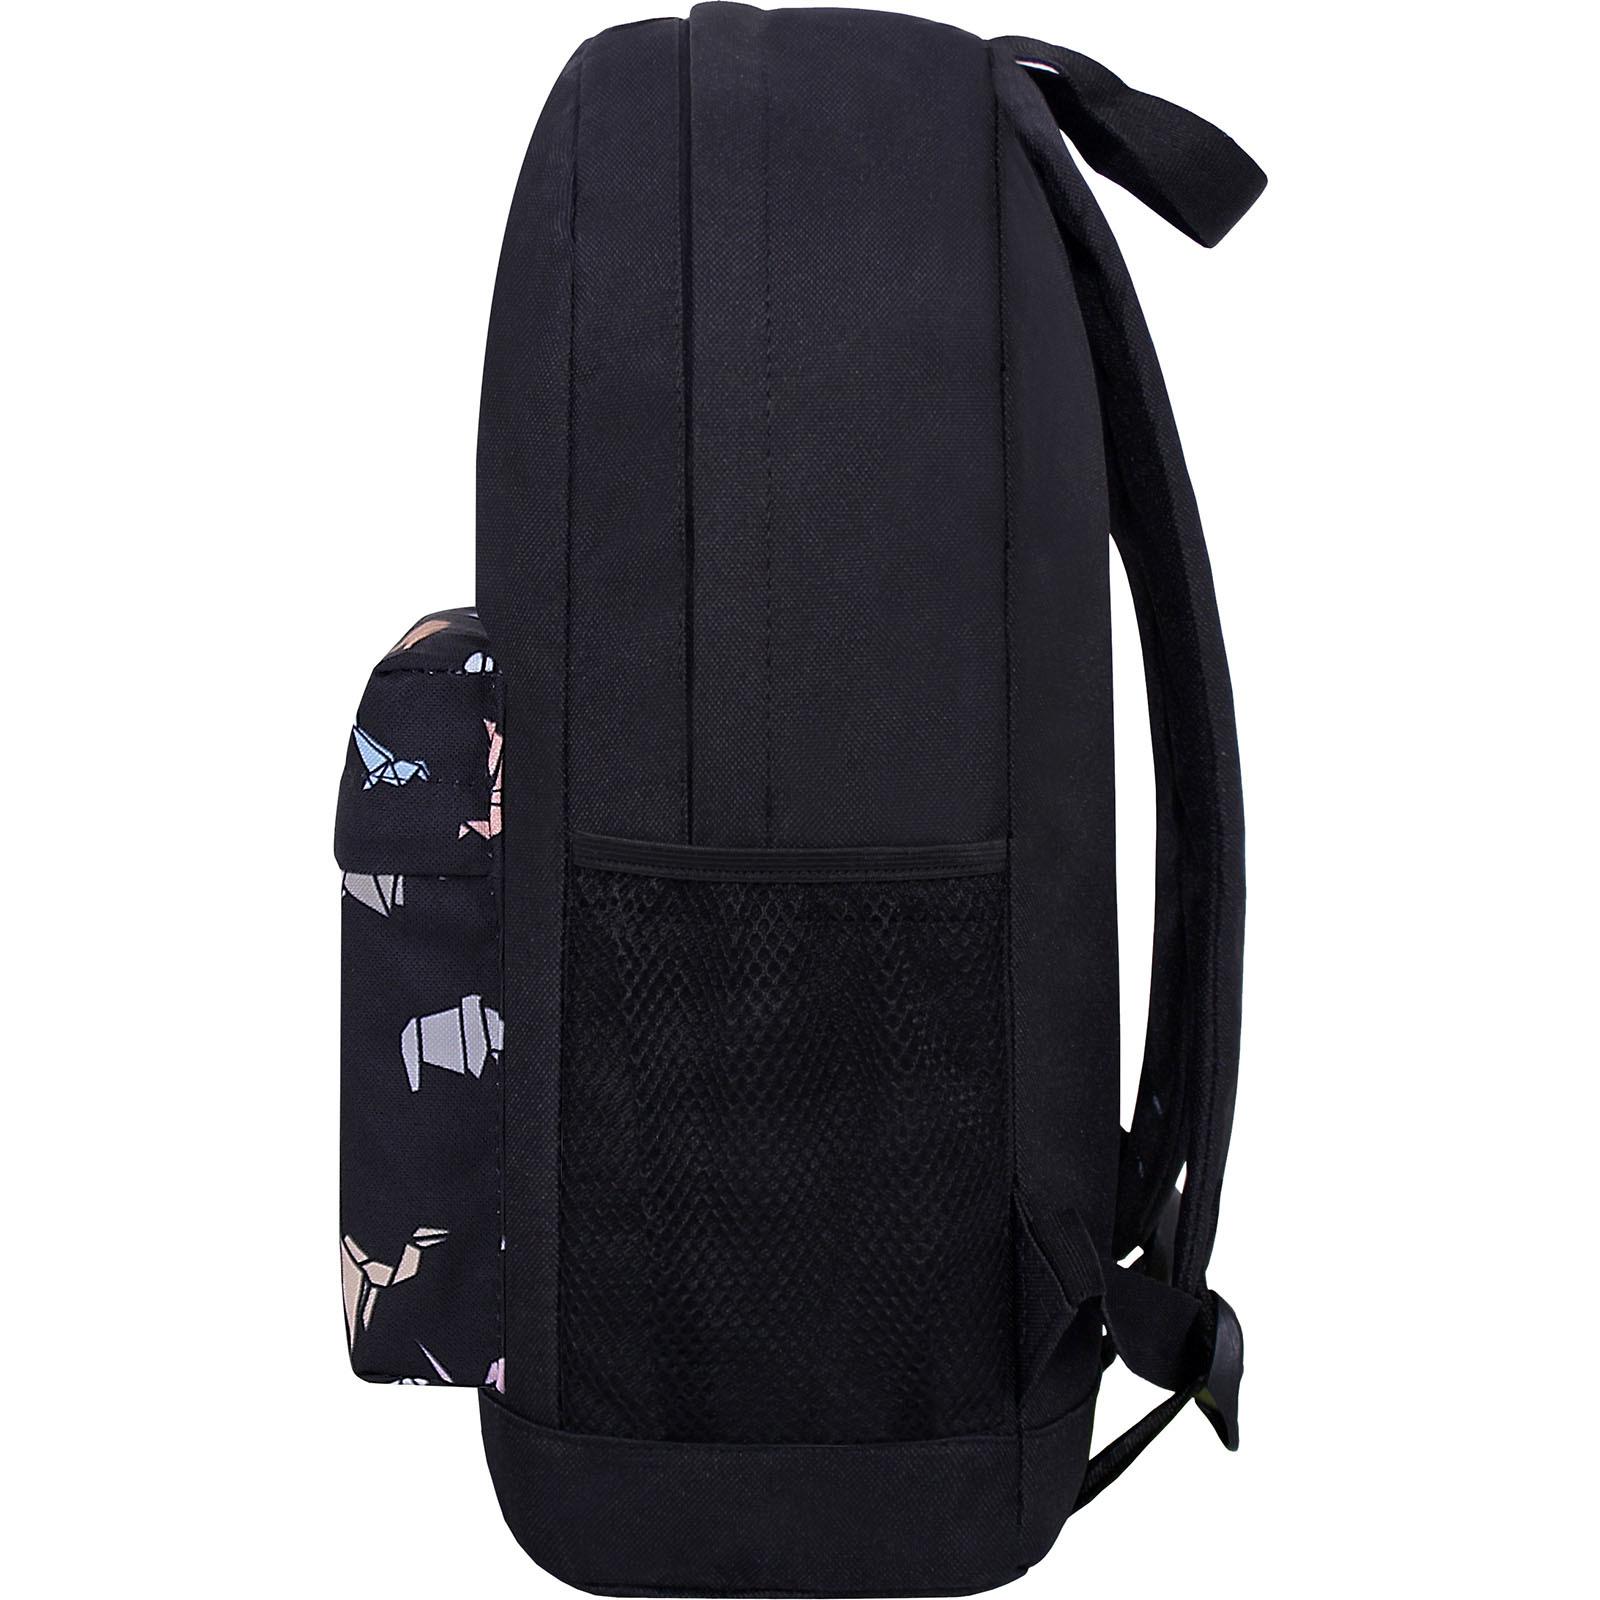 Рюкзак Bagland Молодежный W/R 17 л. Чёрный 752 (00533662) фото 3